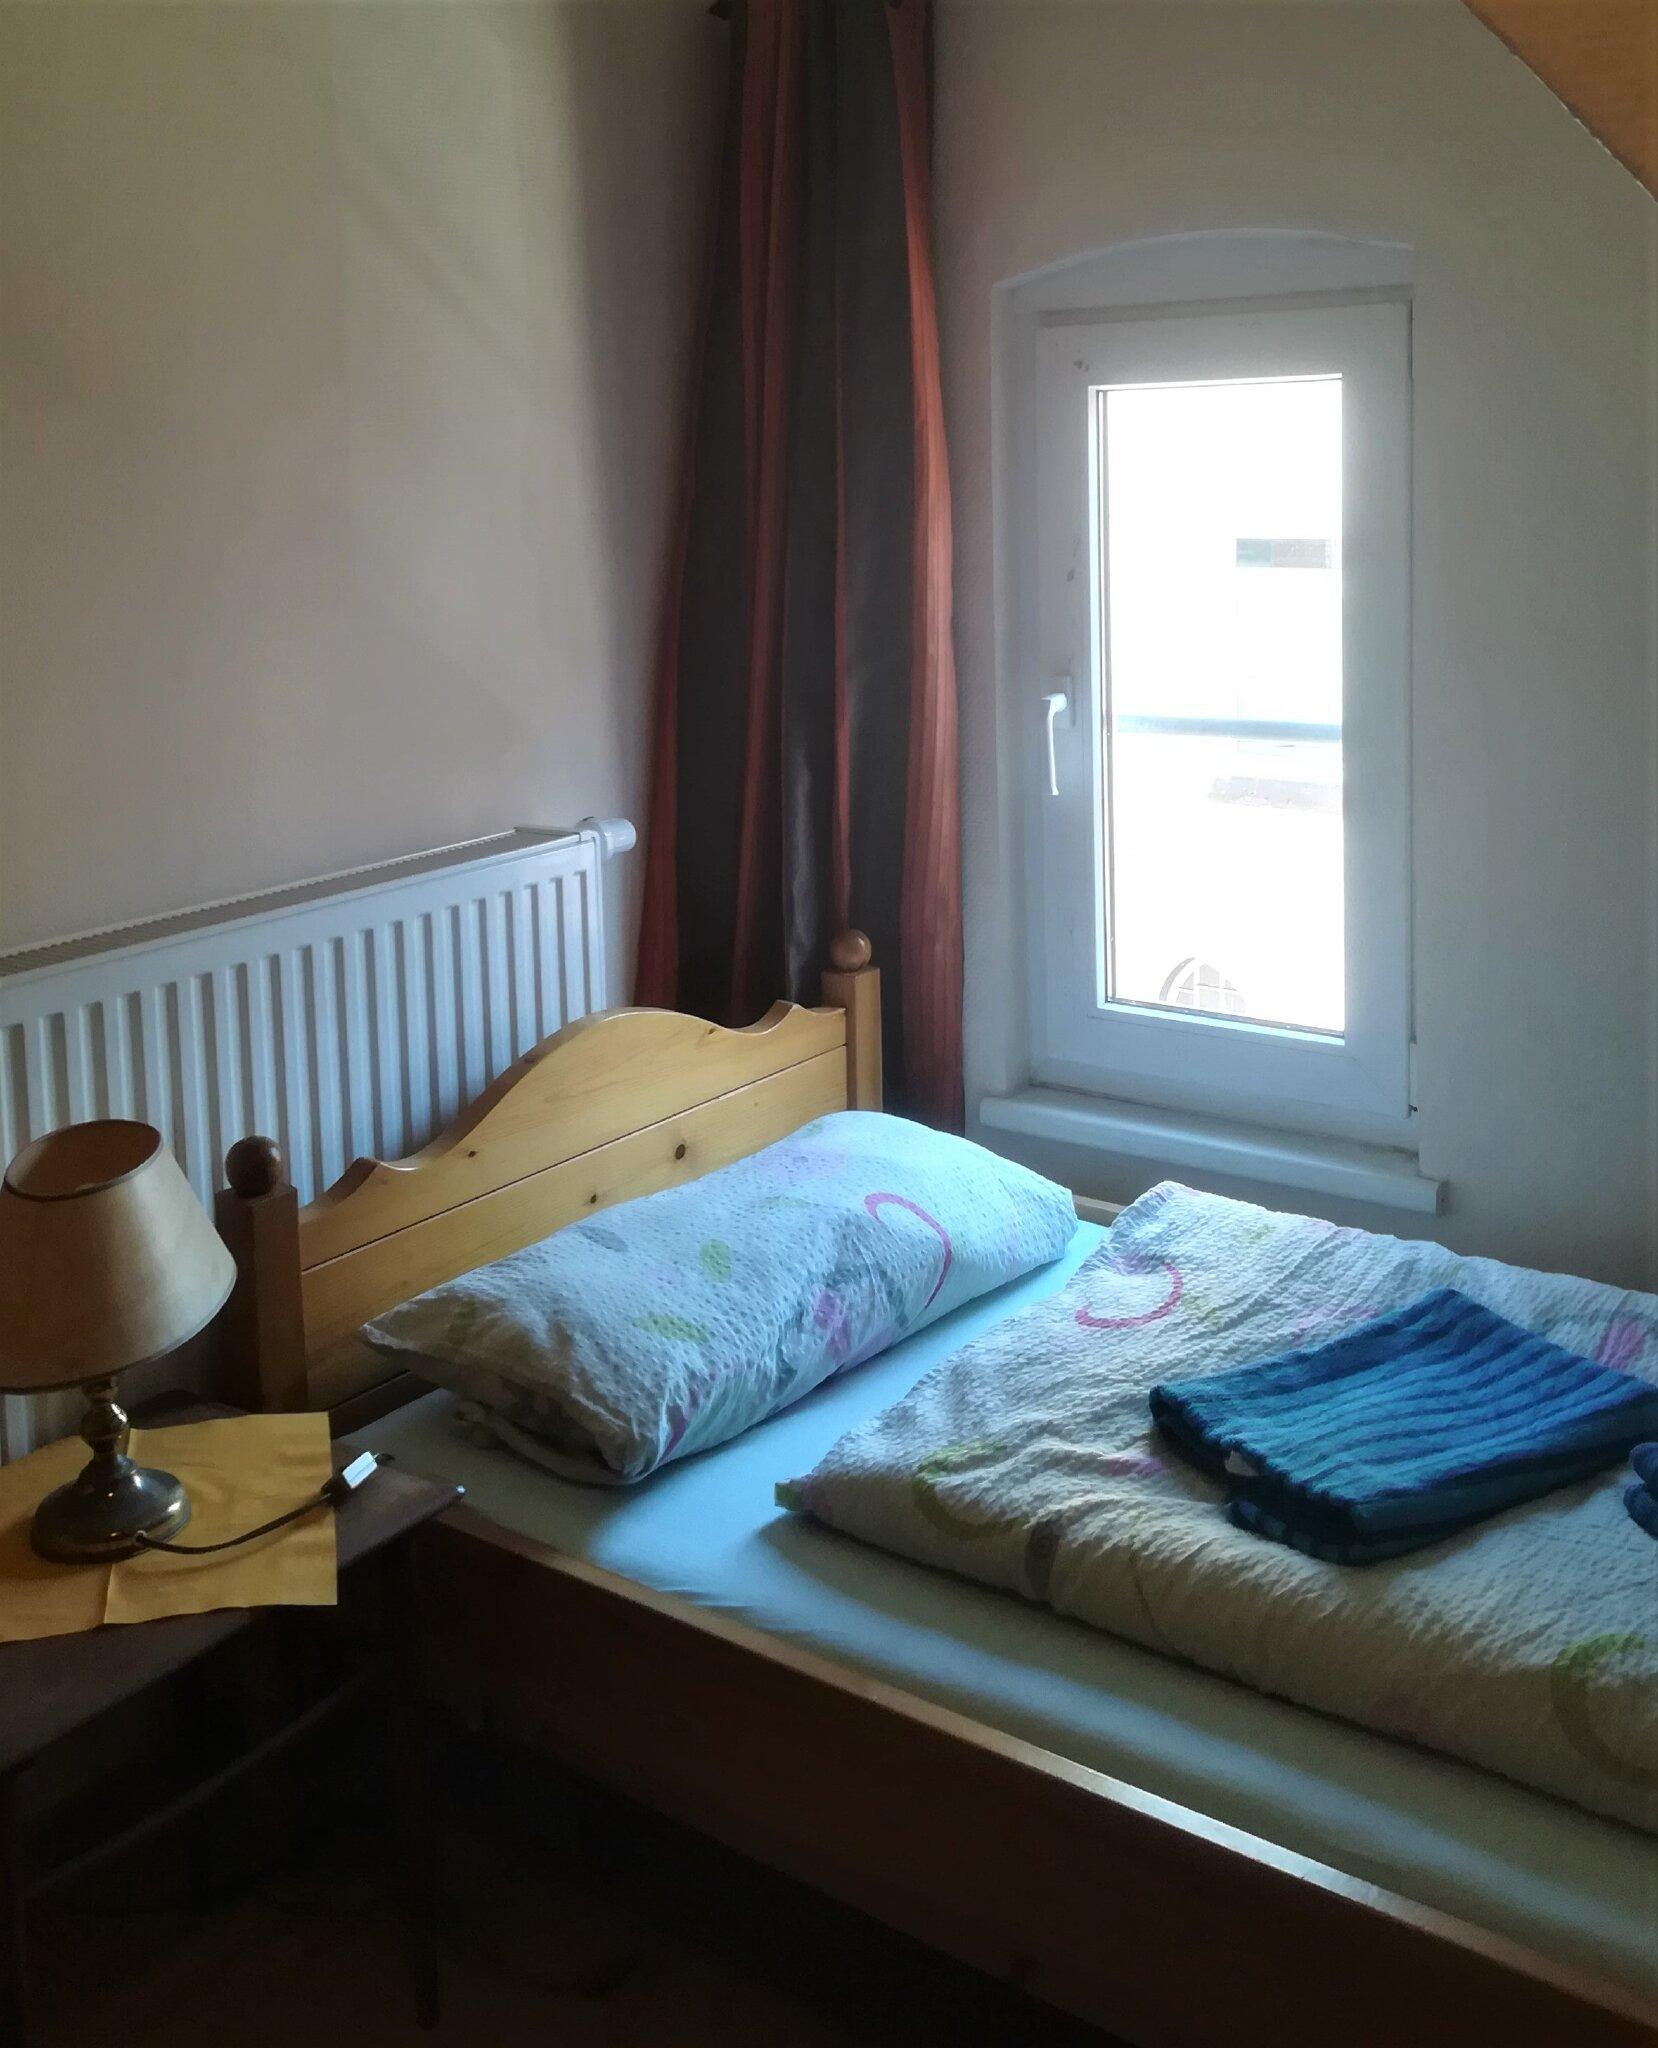 Schlafzimmer 2, Doppelbett